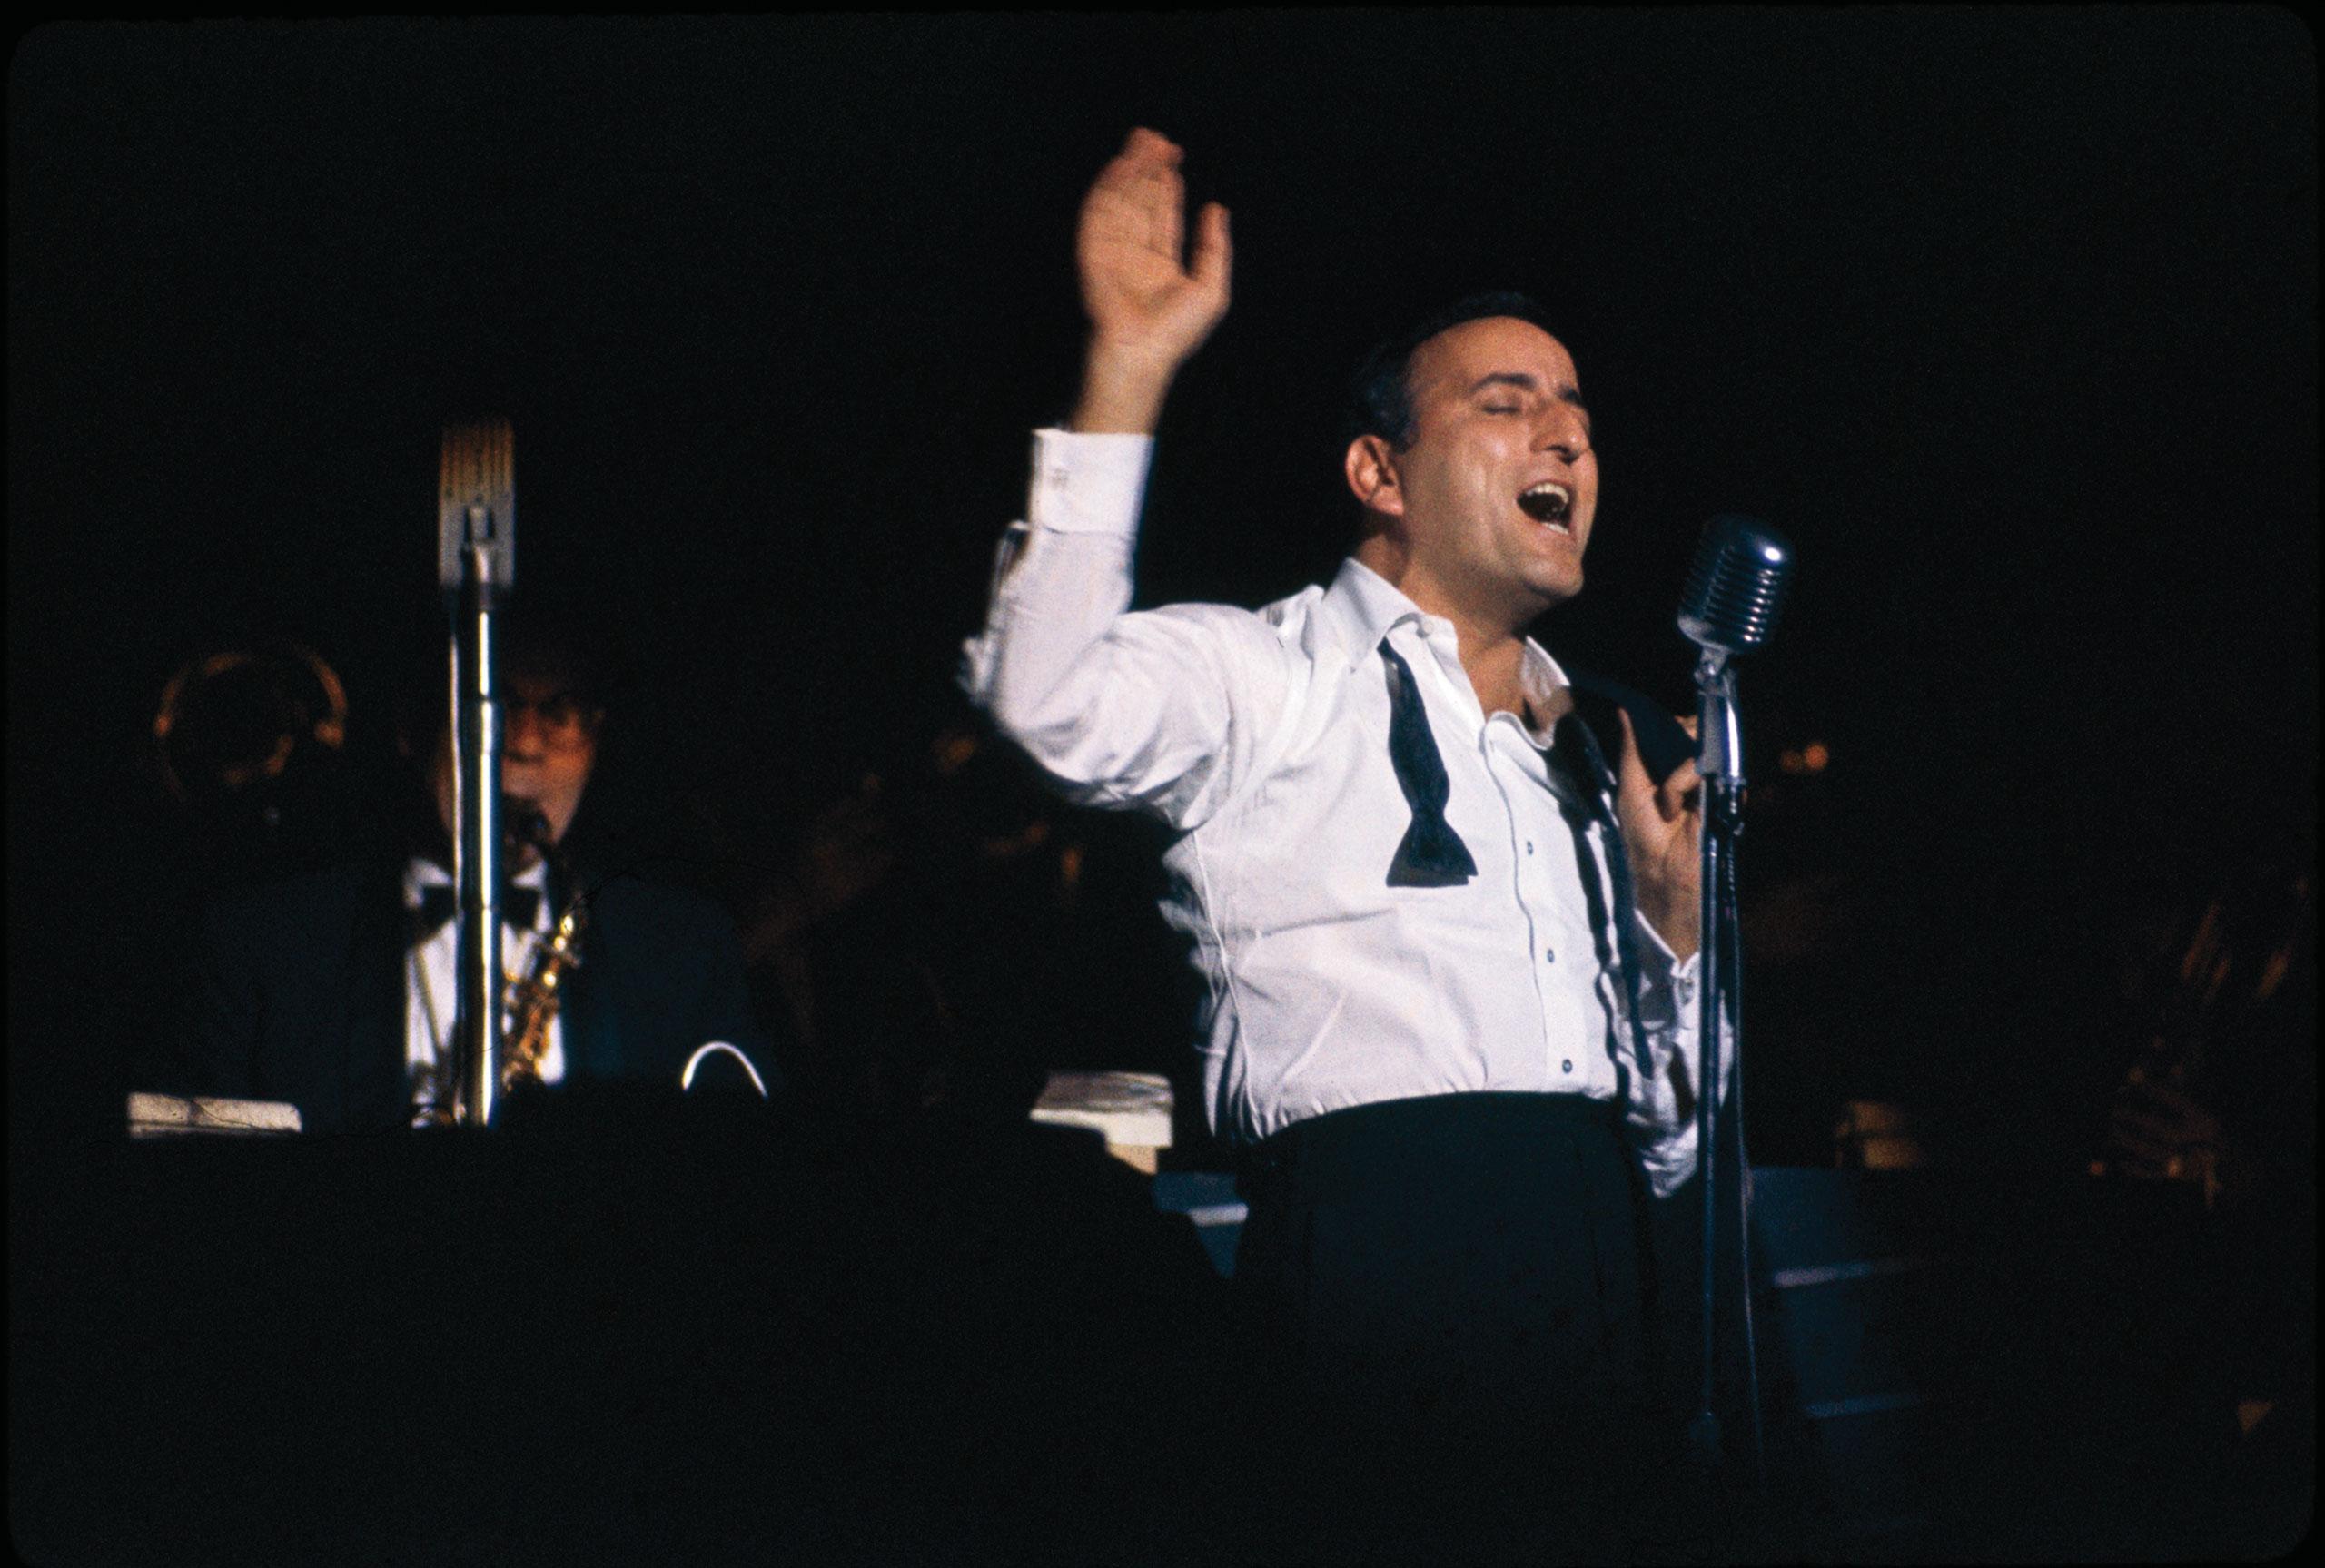 Tony Bennett onstage in Philadelphia, November 1963.